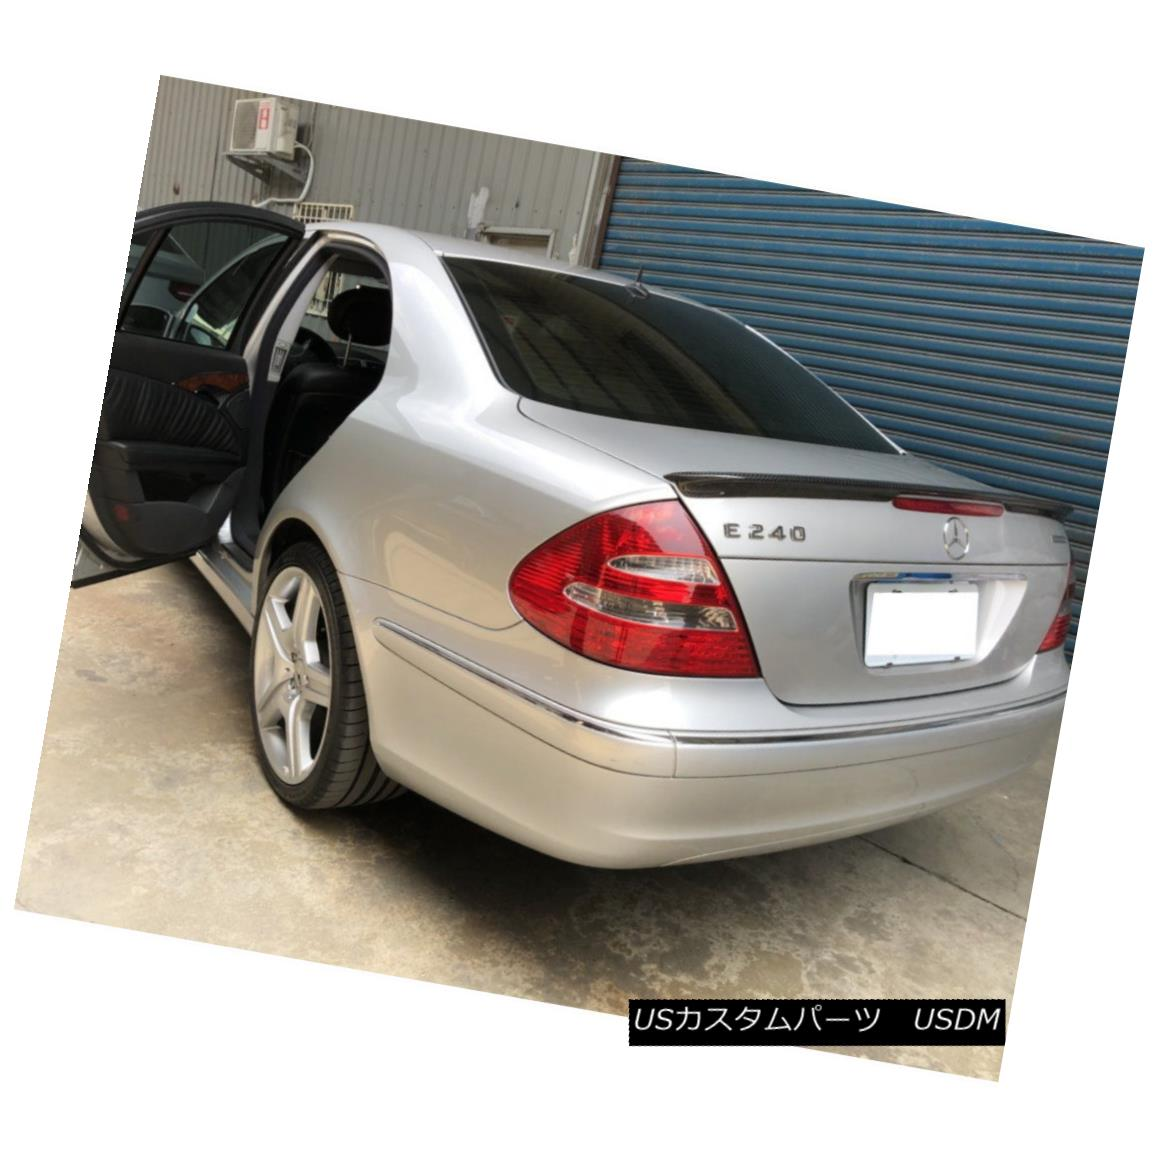 エアロパーツ A Look Carbon Fiber Trunk Spoiler Wing For Mercedes Benz W211 Sedan E350 E500 メルセデスベンツW211セダンE350 E500用ルックカーボンファイバートランク・スポイラーウィング